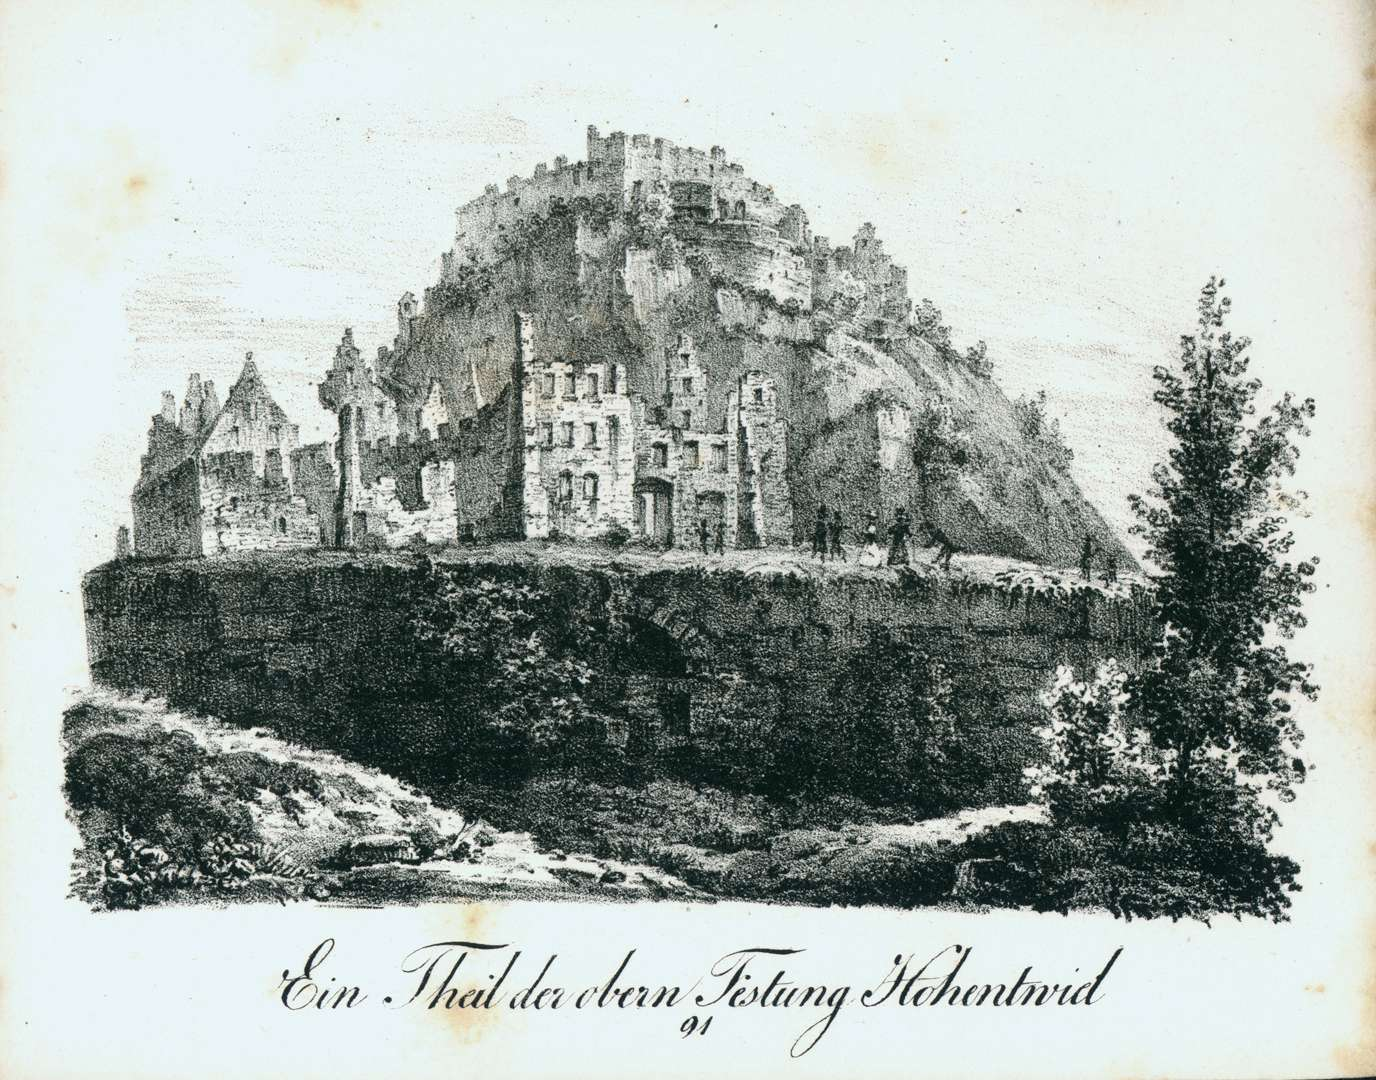 Ein Theil der obern Festung Hohentwiel, Bild 1